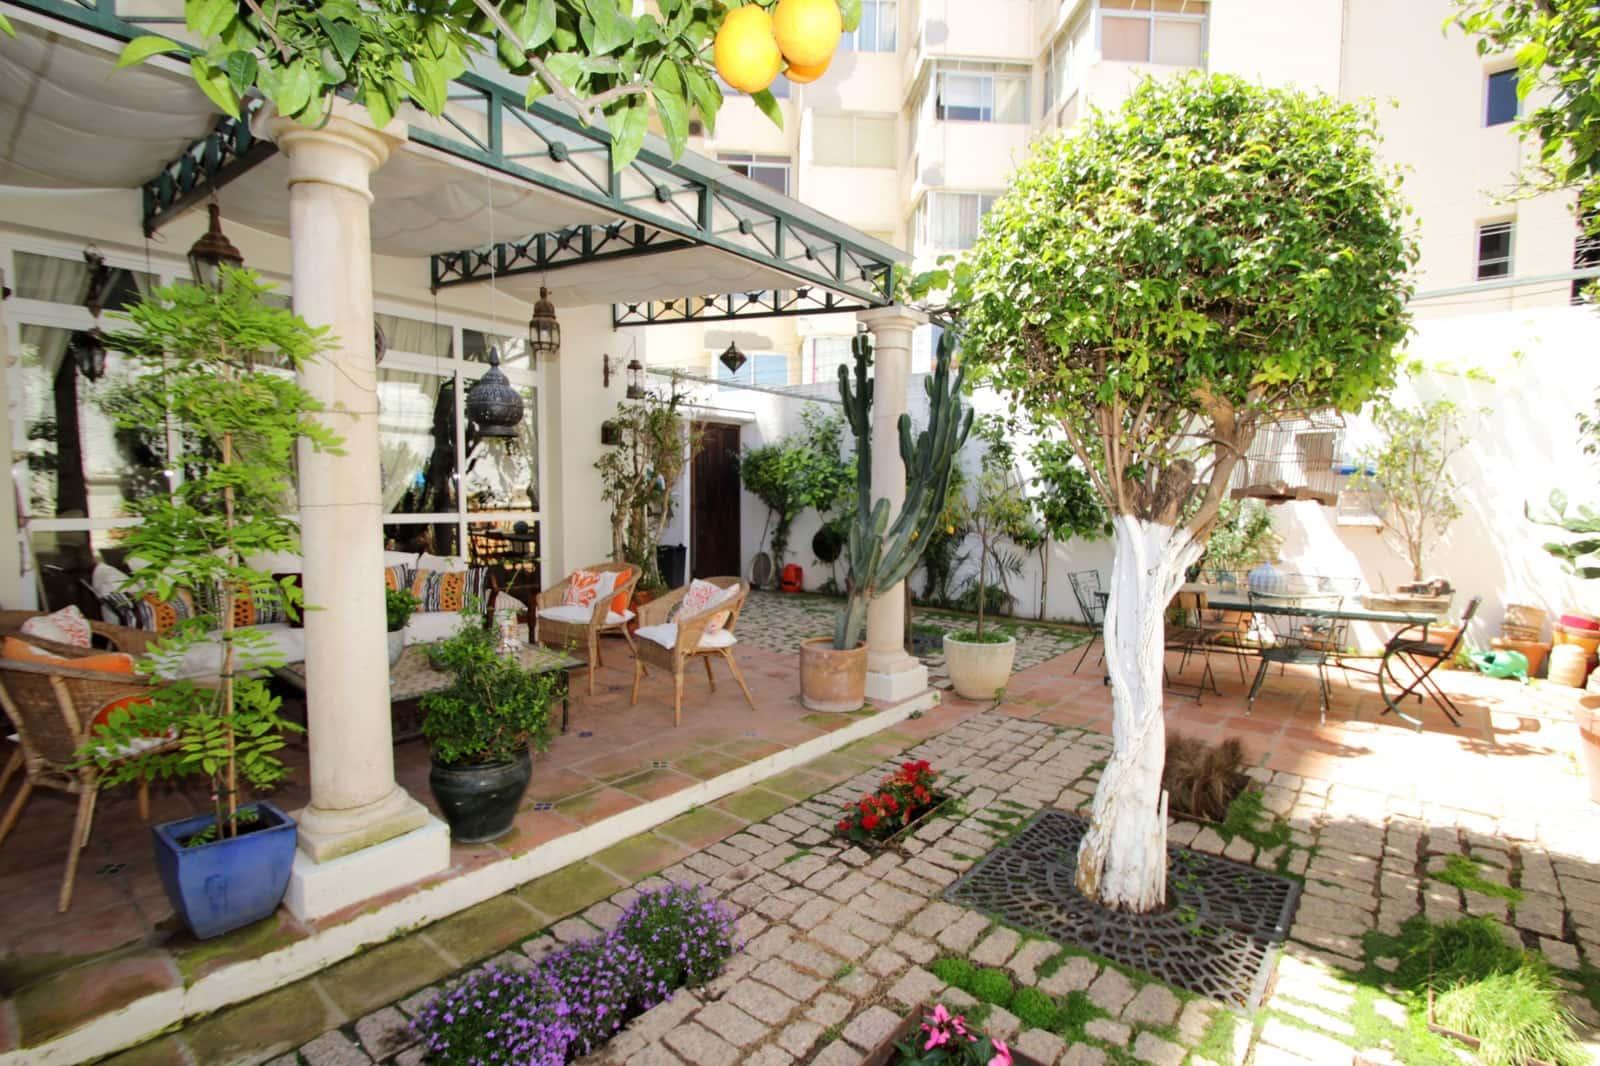 5 bedroom Villa for sale in Marbella with garage - € 1,000,000 (Ref: 3217421)